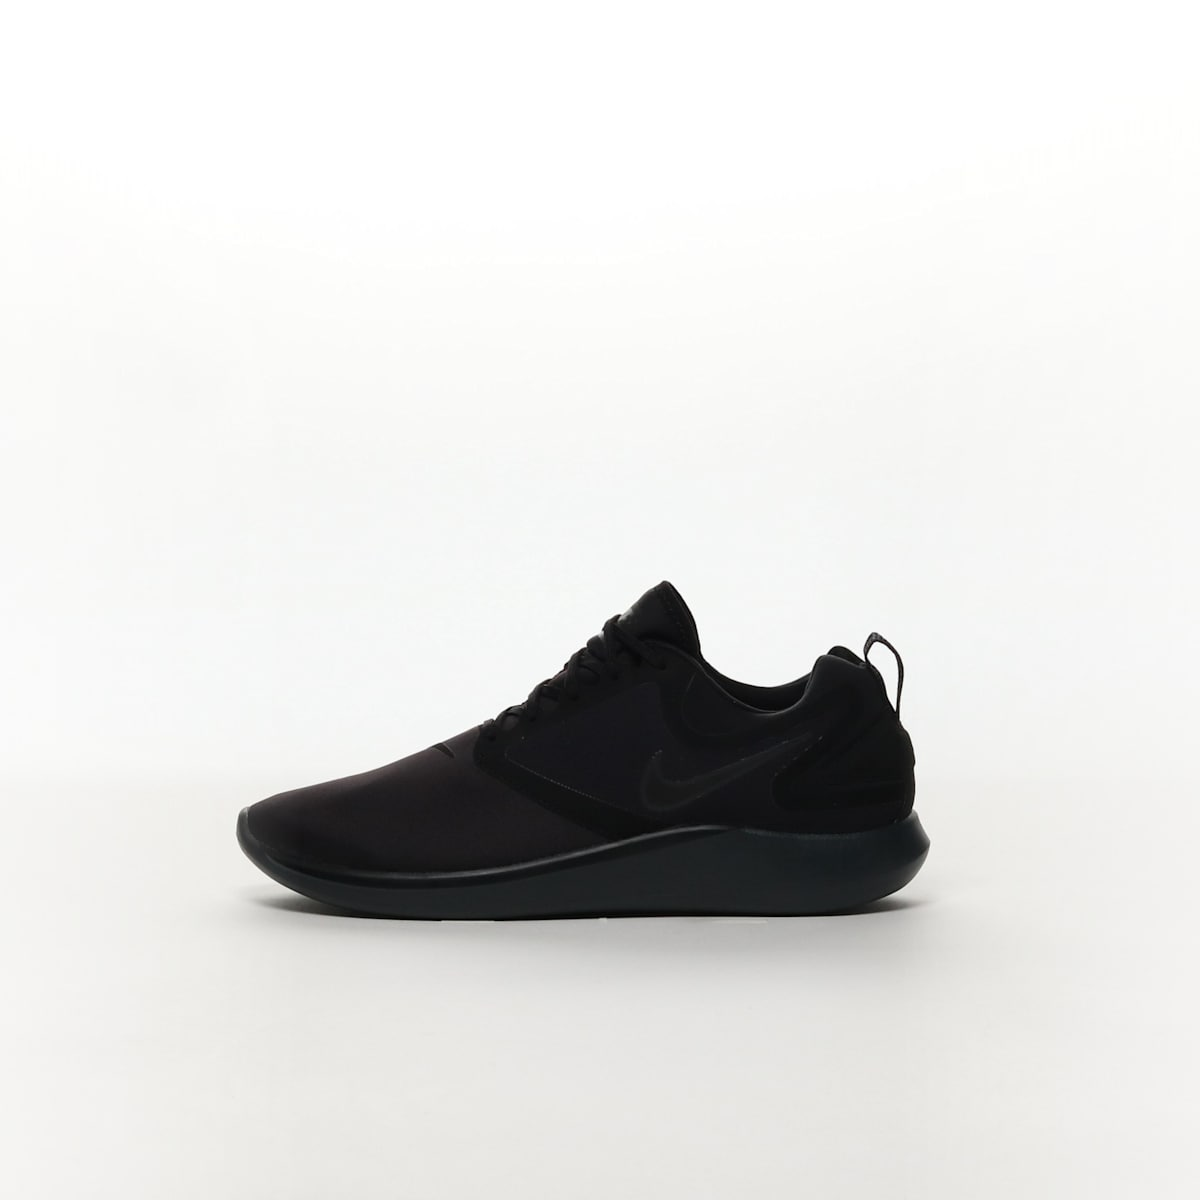 ba2150af87dd Men s Nike LunarSolo Running Shoe - BLACK BLACK-ANTHRACITE – Resku